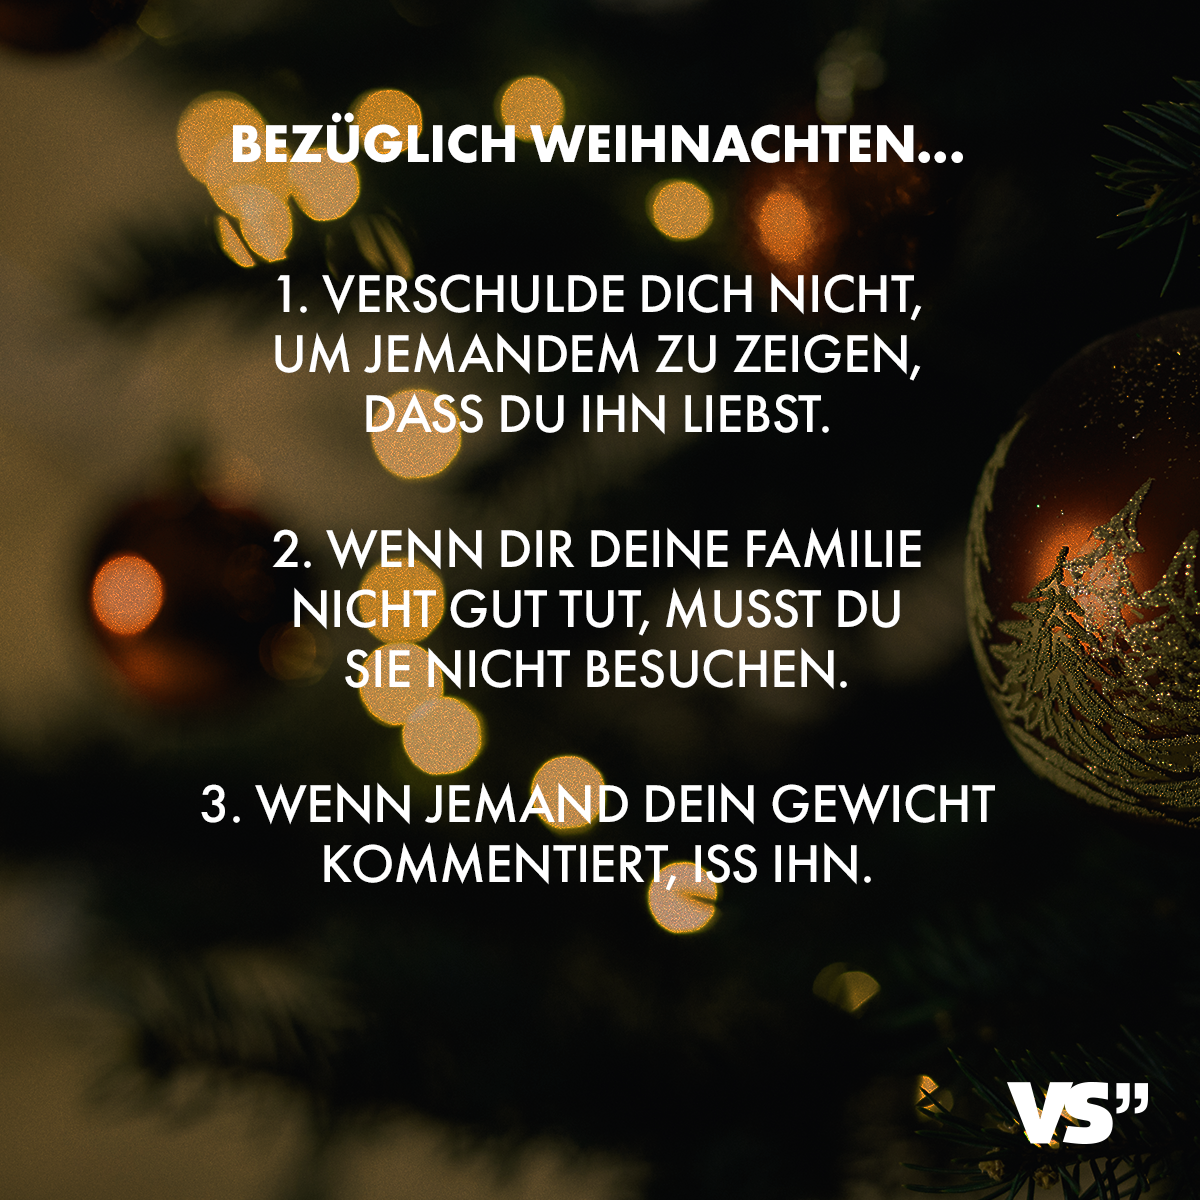 Weihnachtsgrüße Für Putzfrau.Visual Statements Bezüglich Weihnachten 1 Verschulde Dich Nicht